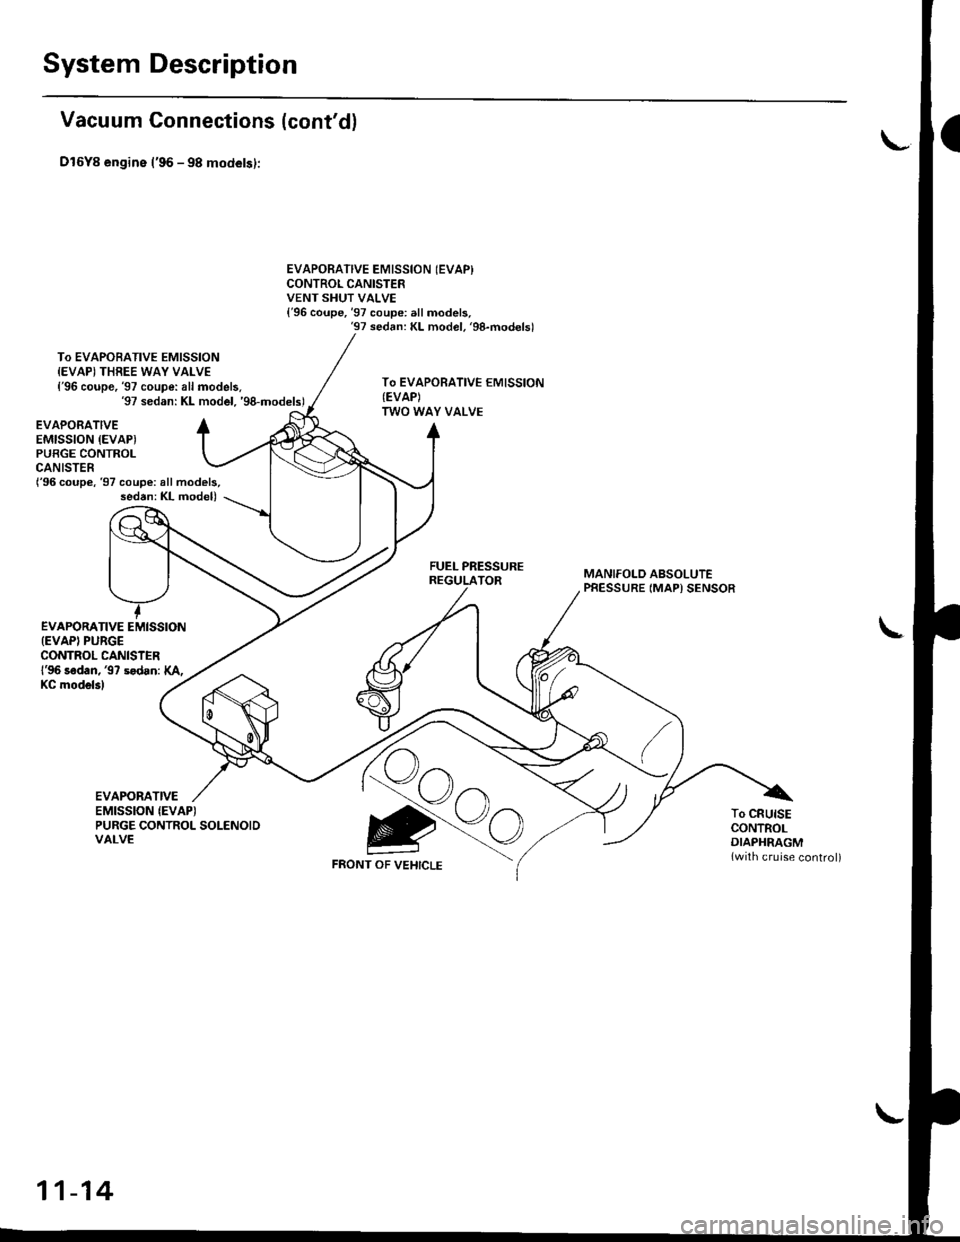 ... and9gct10qvp01jwkxltne6afd8zyvyb0y7x9 w9 6uumd4wxrgqyiwl Array - 1997  honda cr250r service manual pdf rh aeha ...